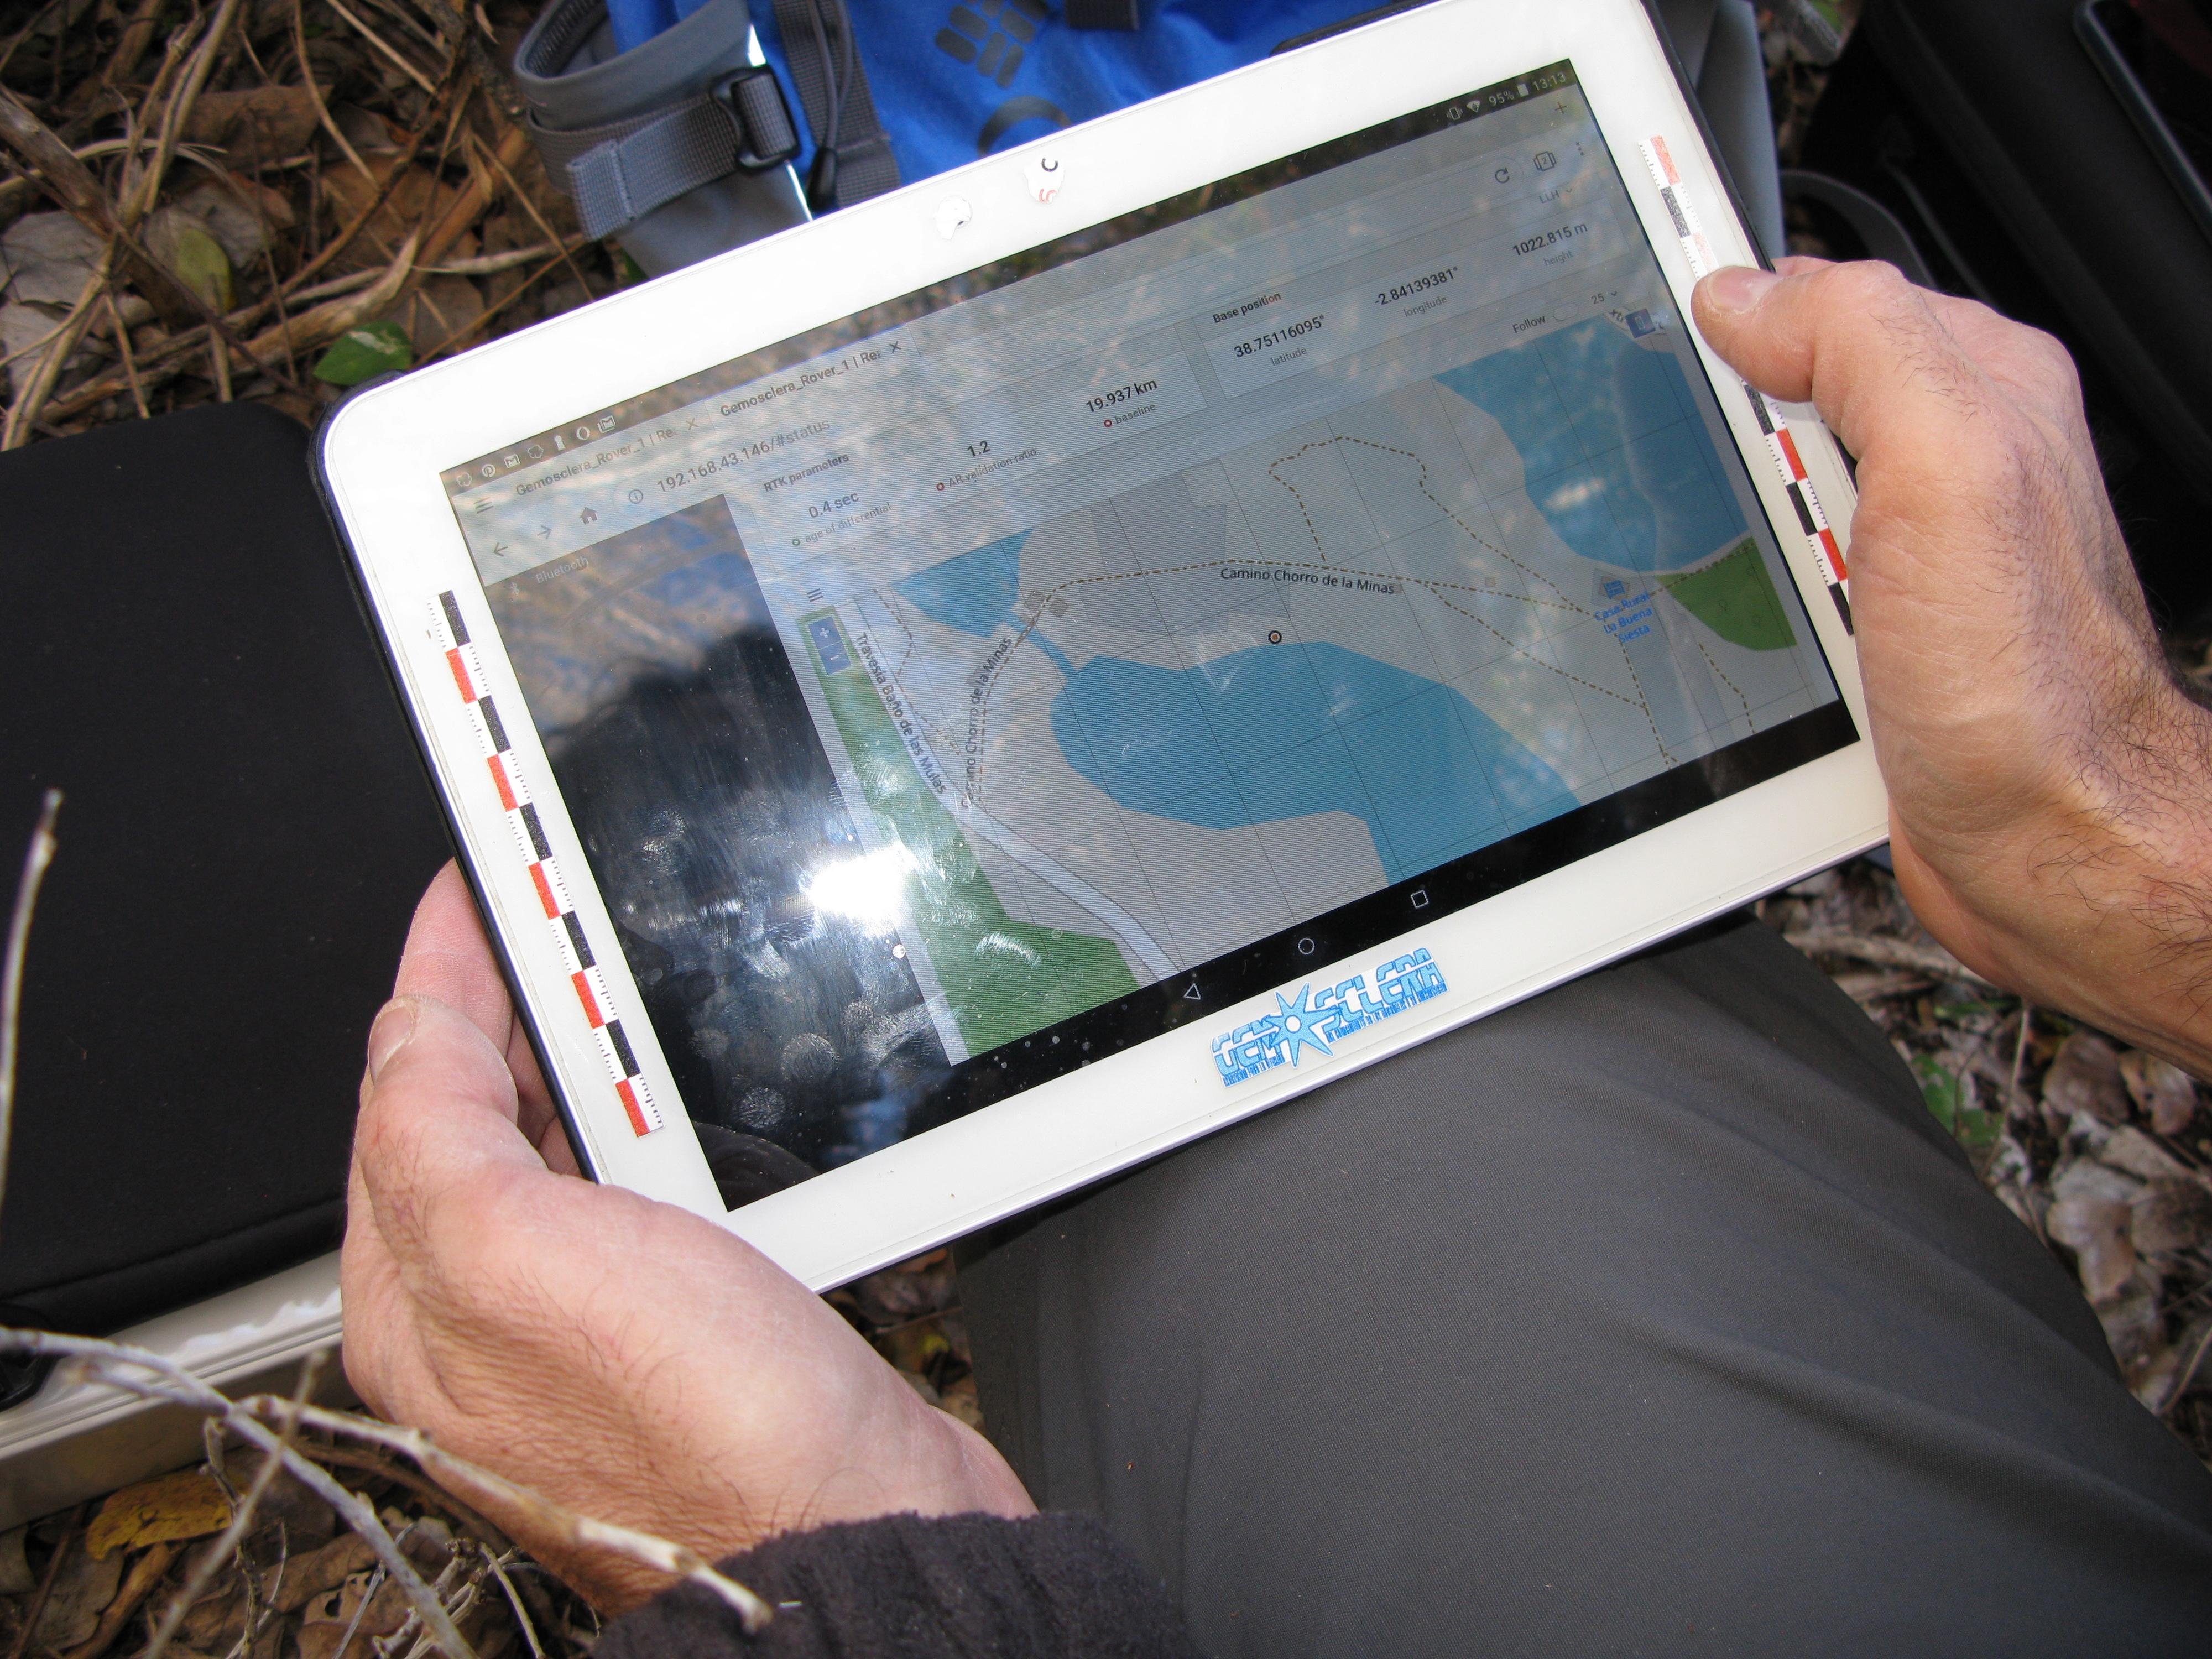 Observando los datos que aporta la antena GNSS en una tableta.